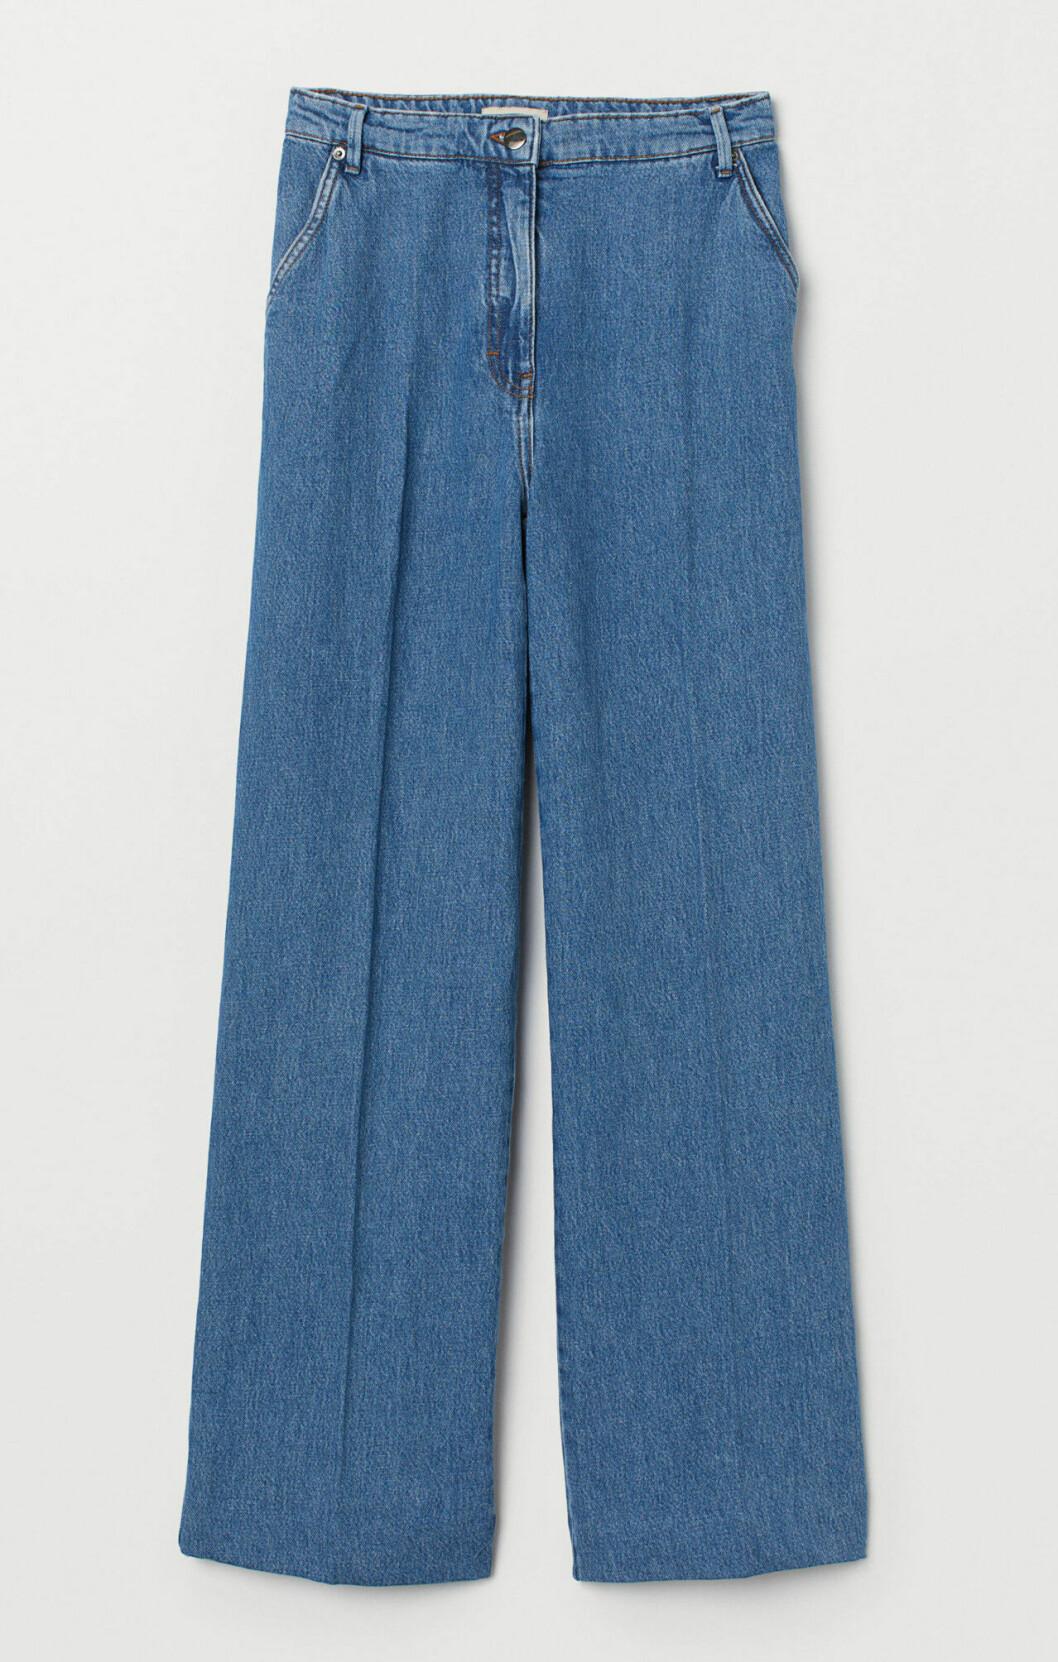 Jeans för dam till våren 2019 med hög midja